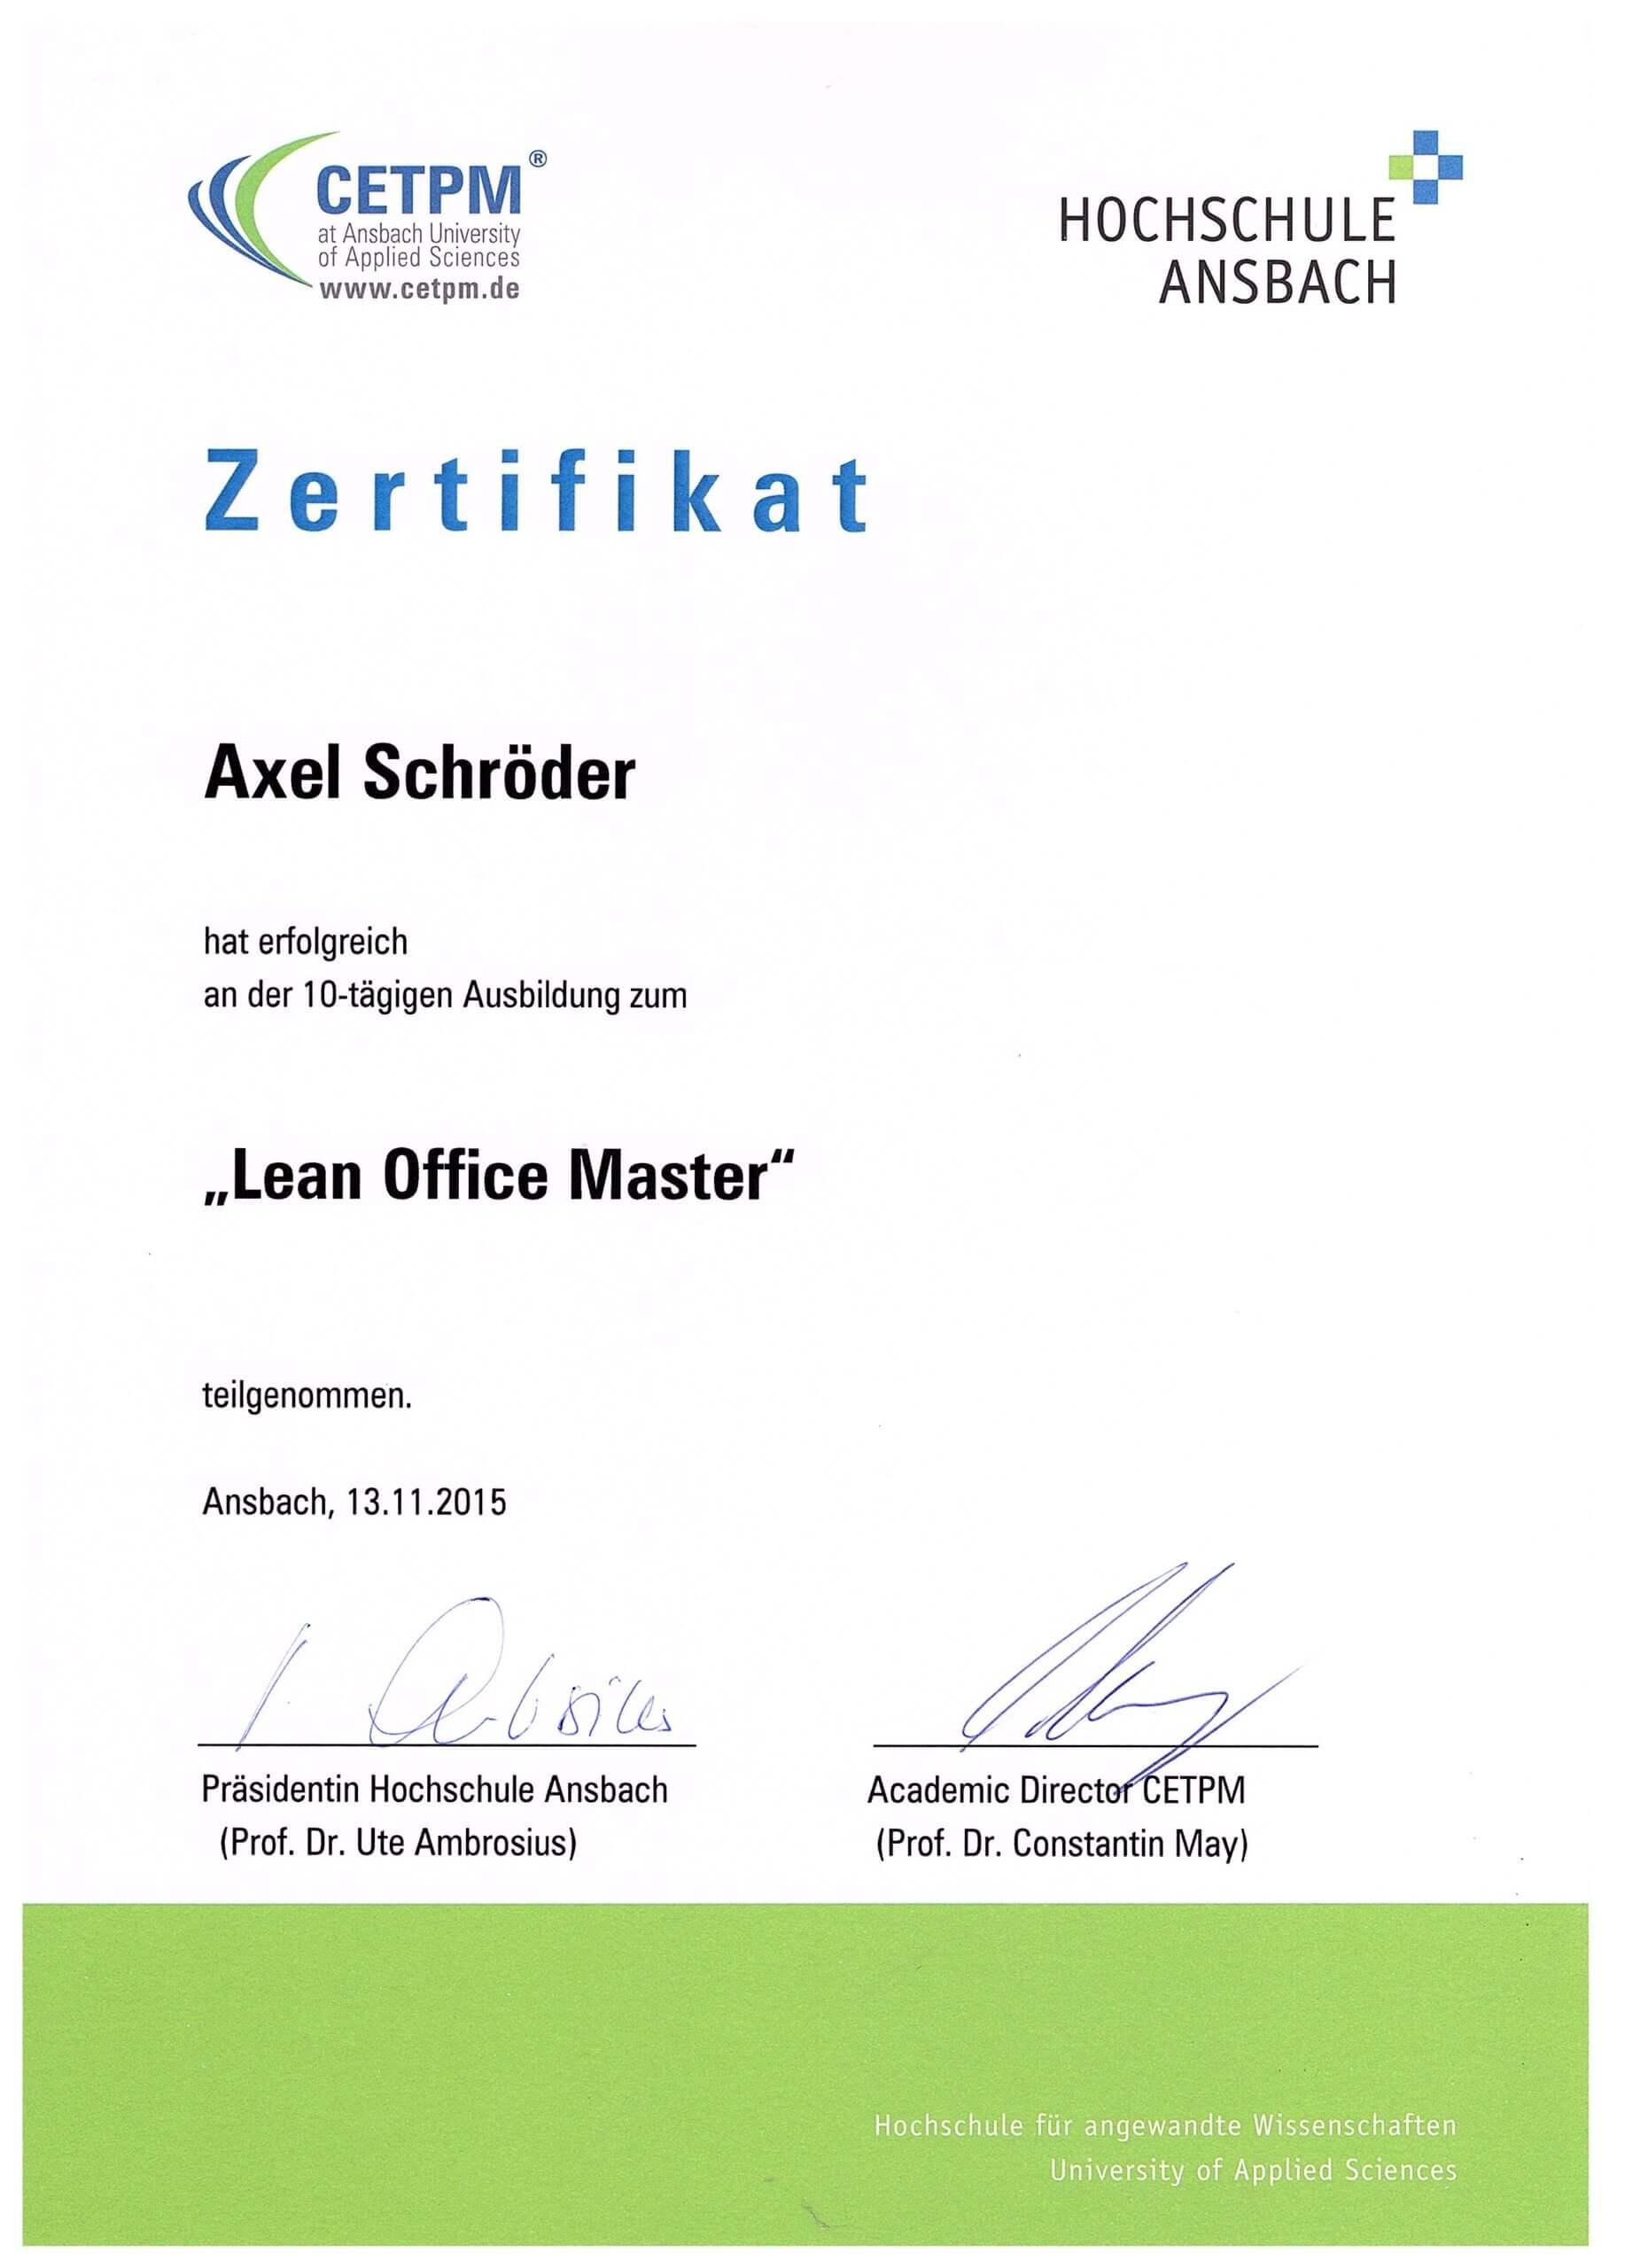 Axel Schröder ist Lean Office Master